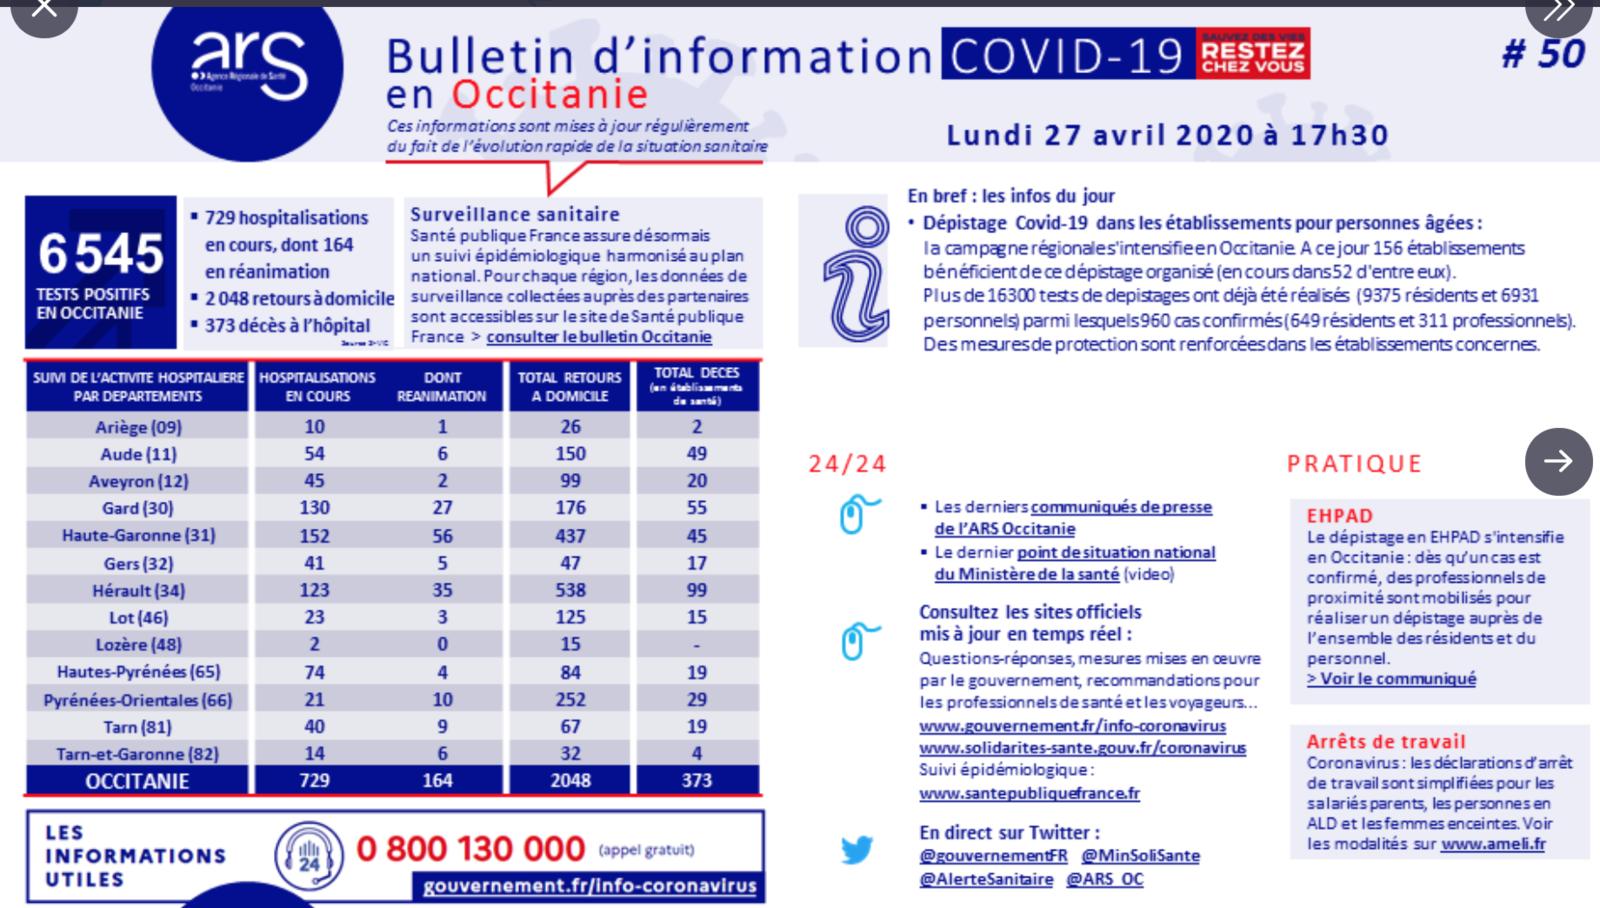 Covid-19 : 11 décès de plus en 24 heures en Occitanie